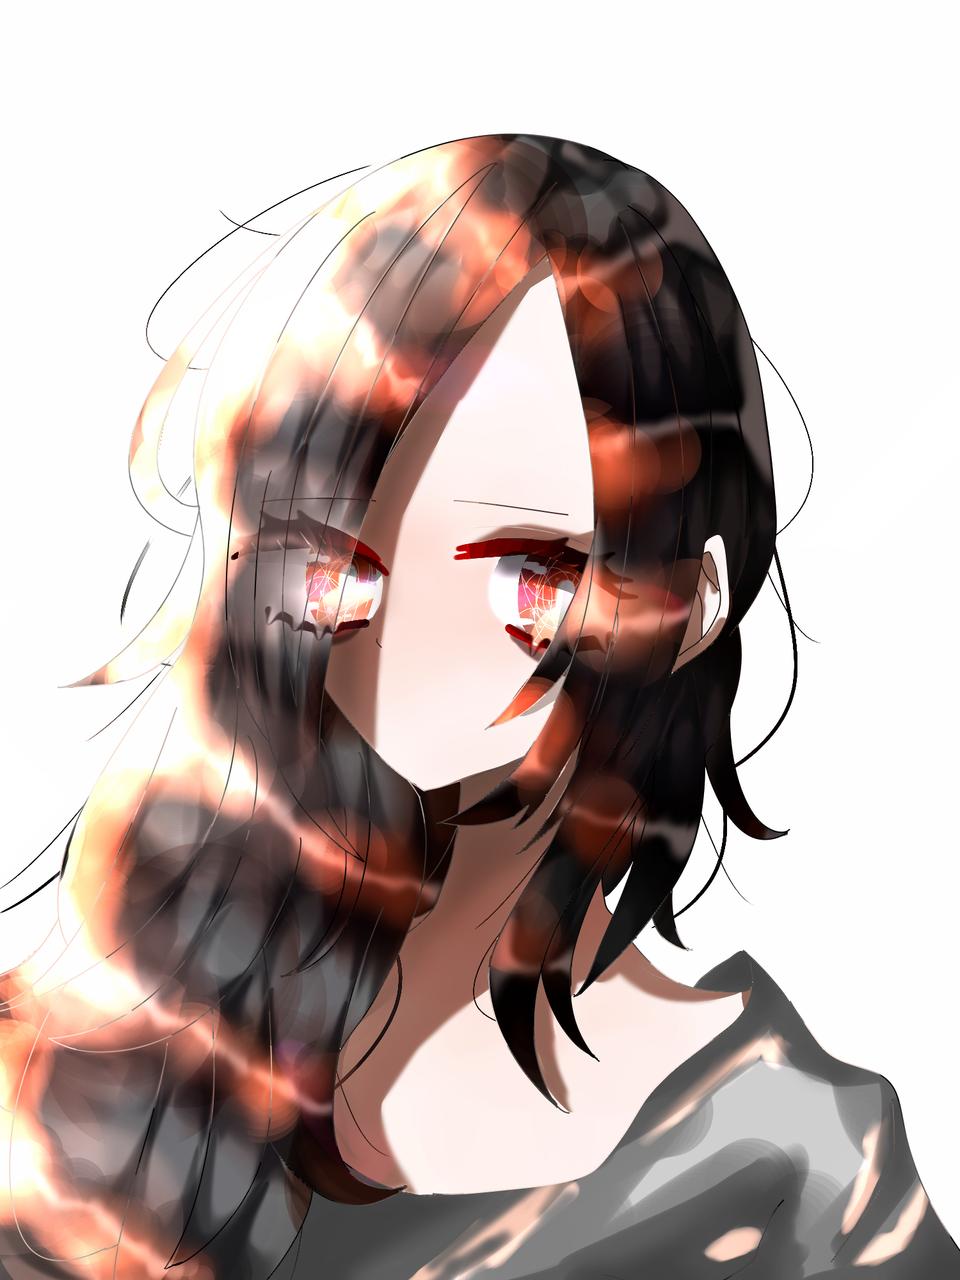 朝日 Illust of 如月来蕾 medibangpaint 黒髪 girl 朝日 oc オレンジ 光 天パ black